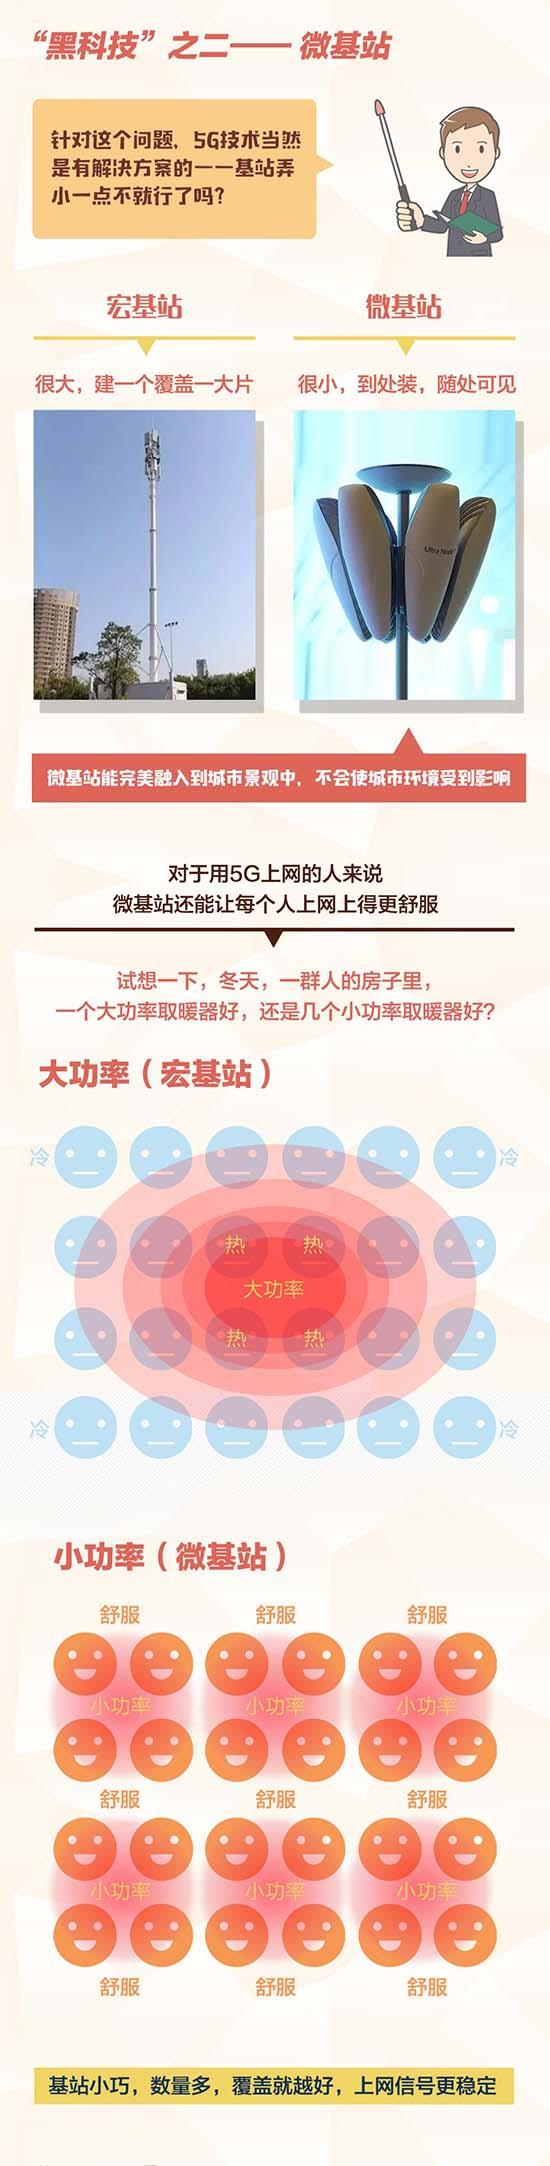 成都市手机号码网中国联通5G全方位助力全国两会报道